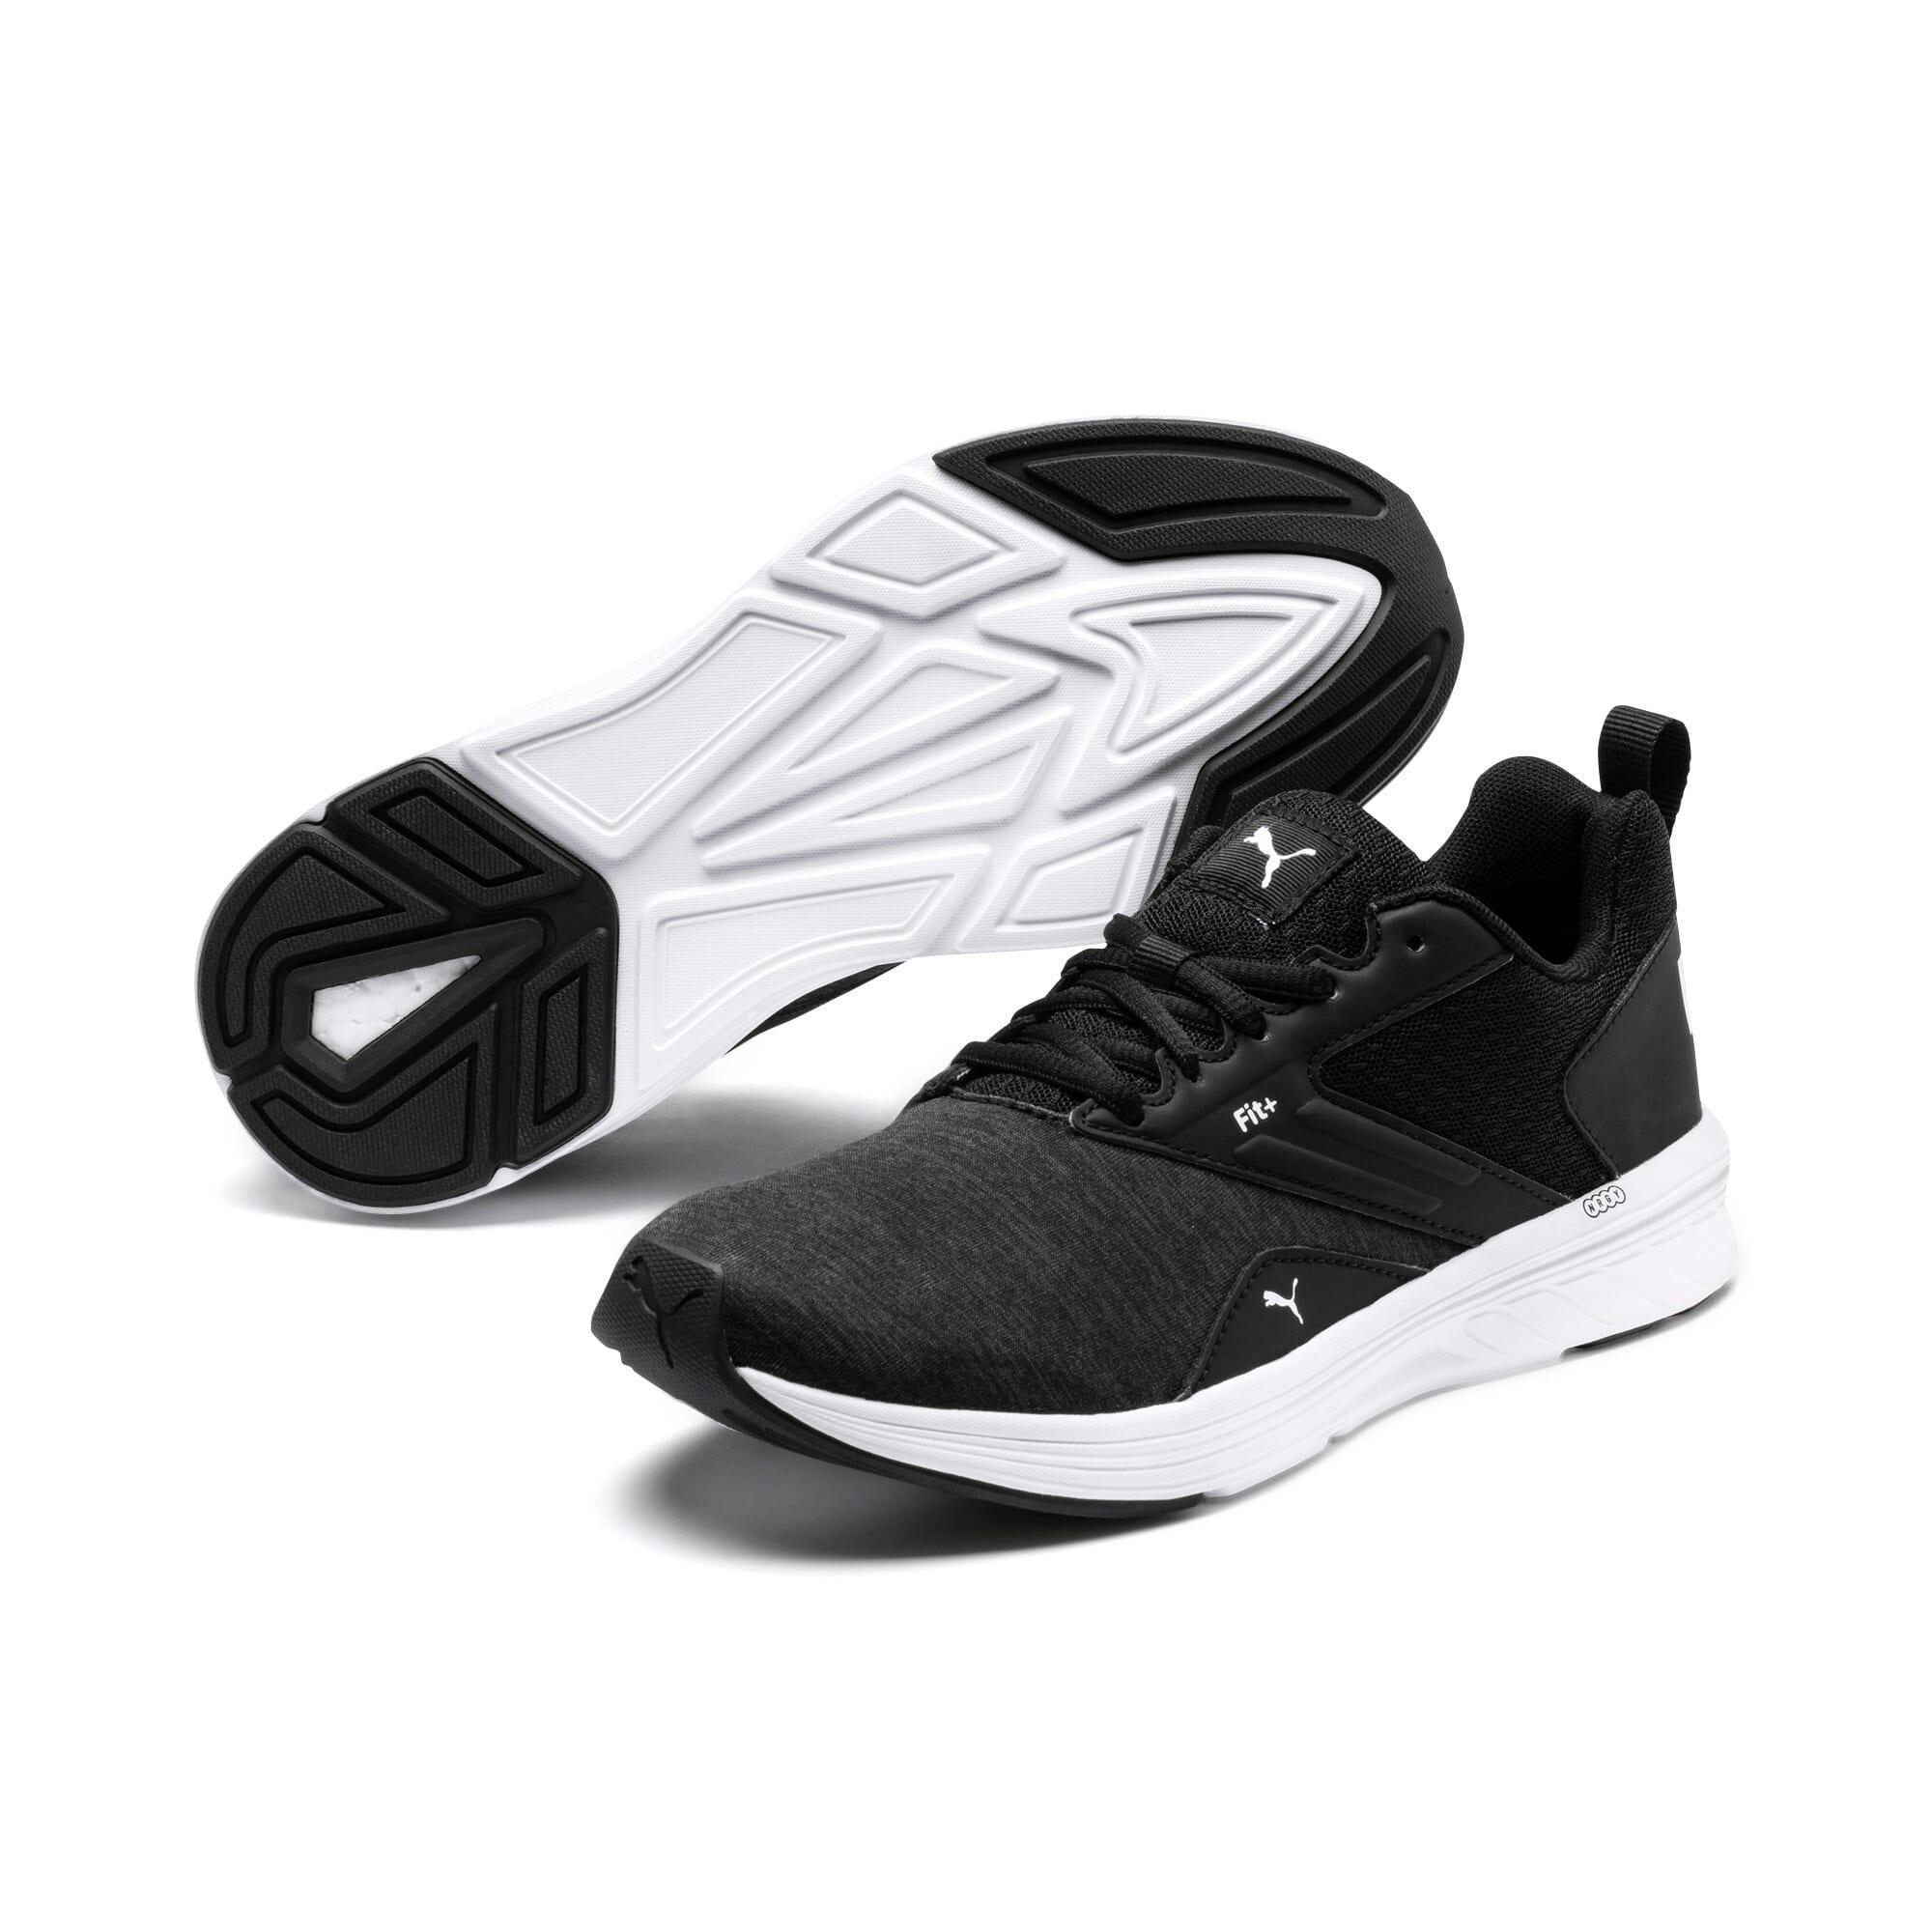 Miniatura 2 de Zapatos para correr NRGY Comet, Puma Black-Puma White, mediano